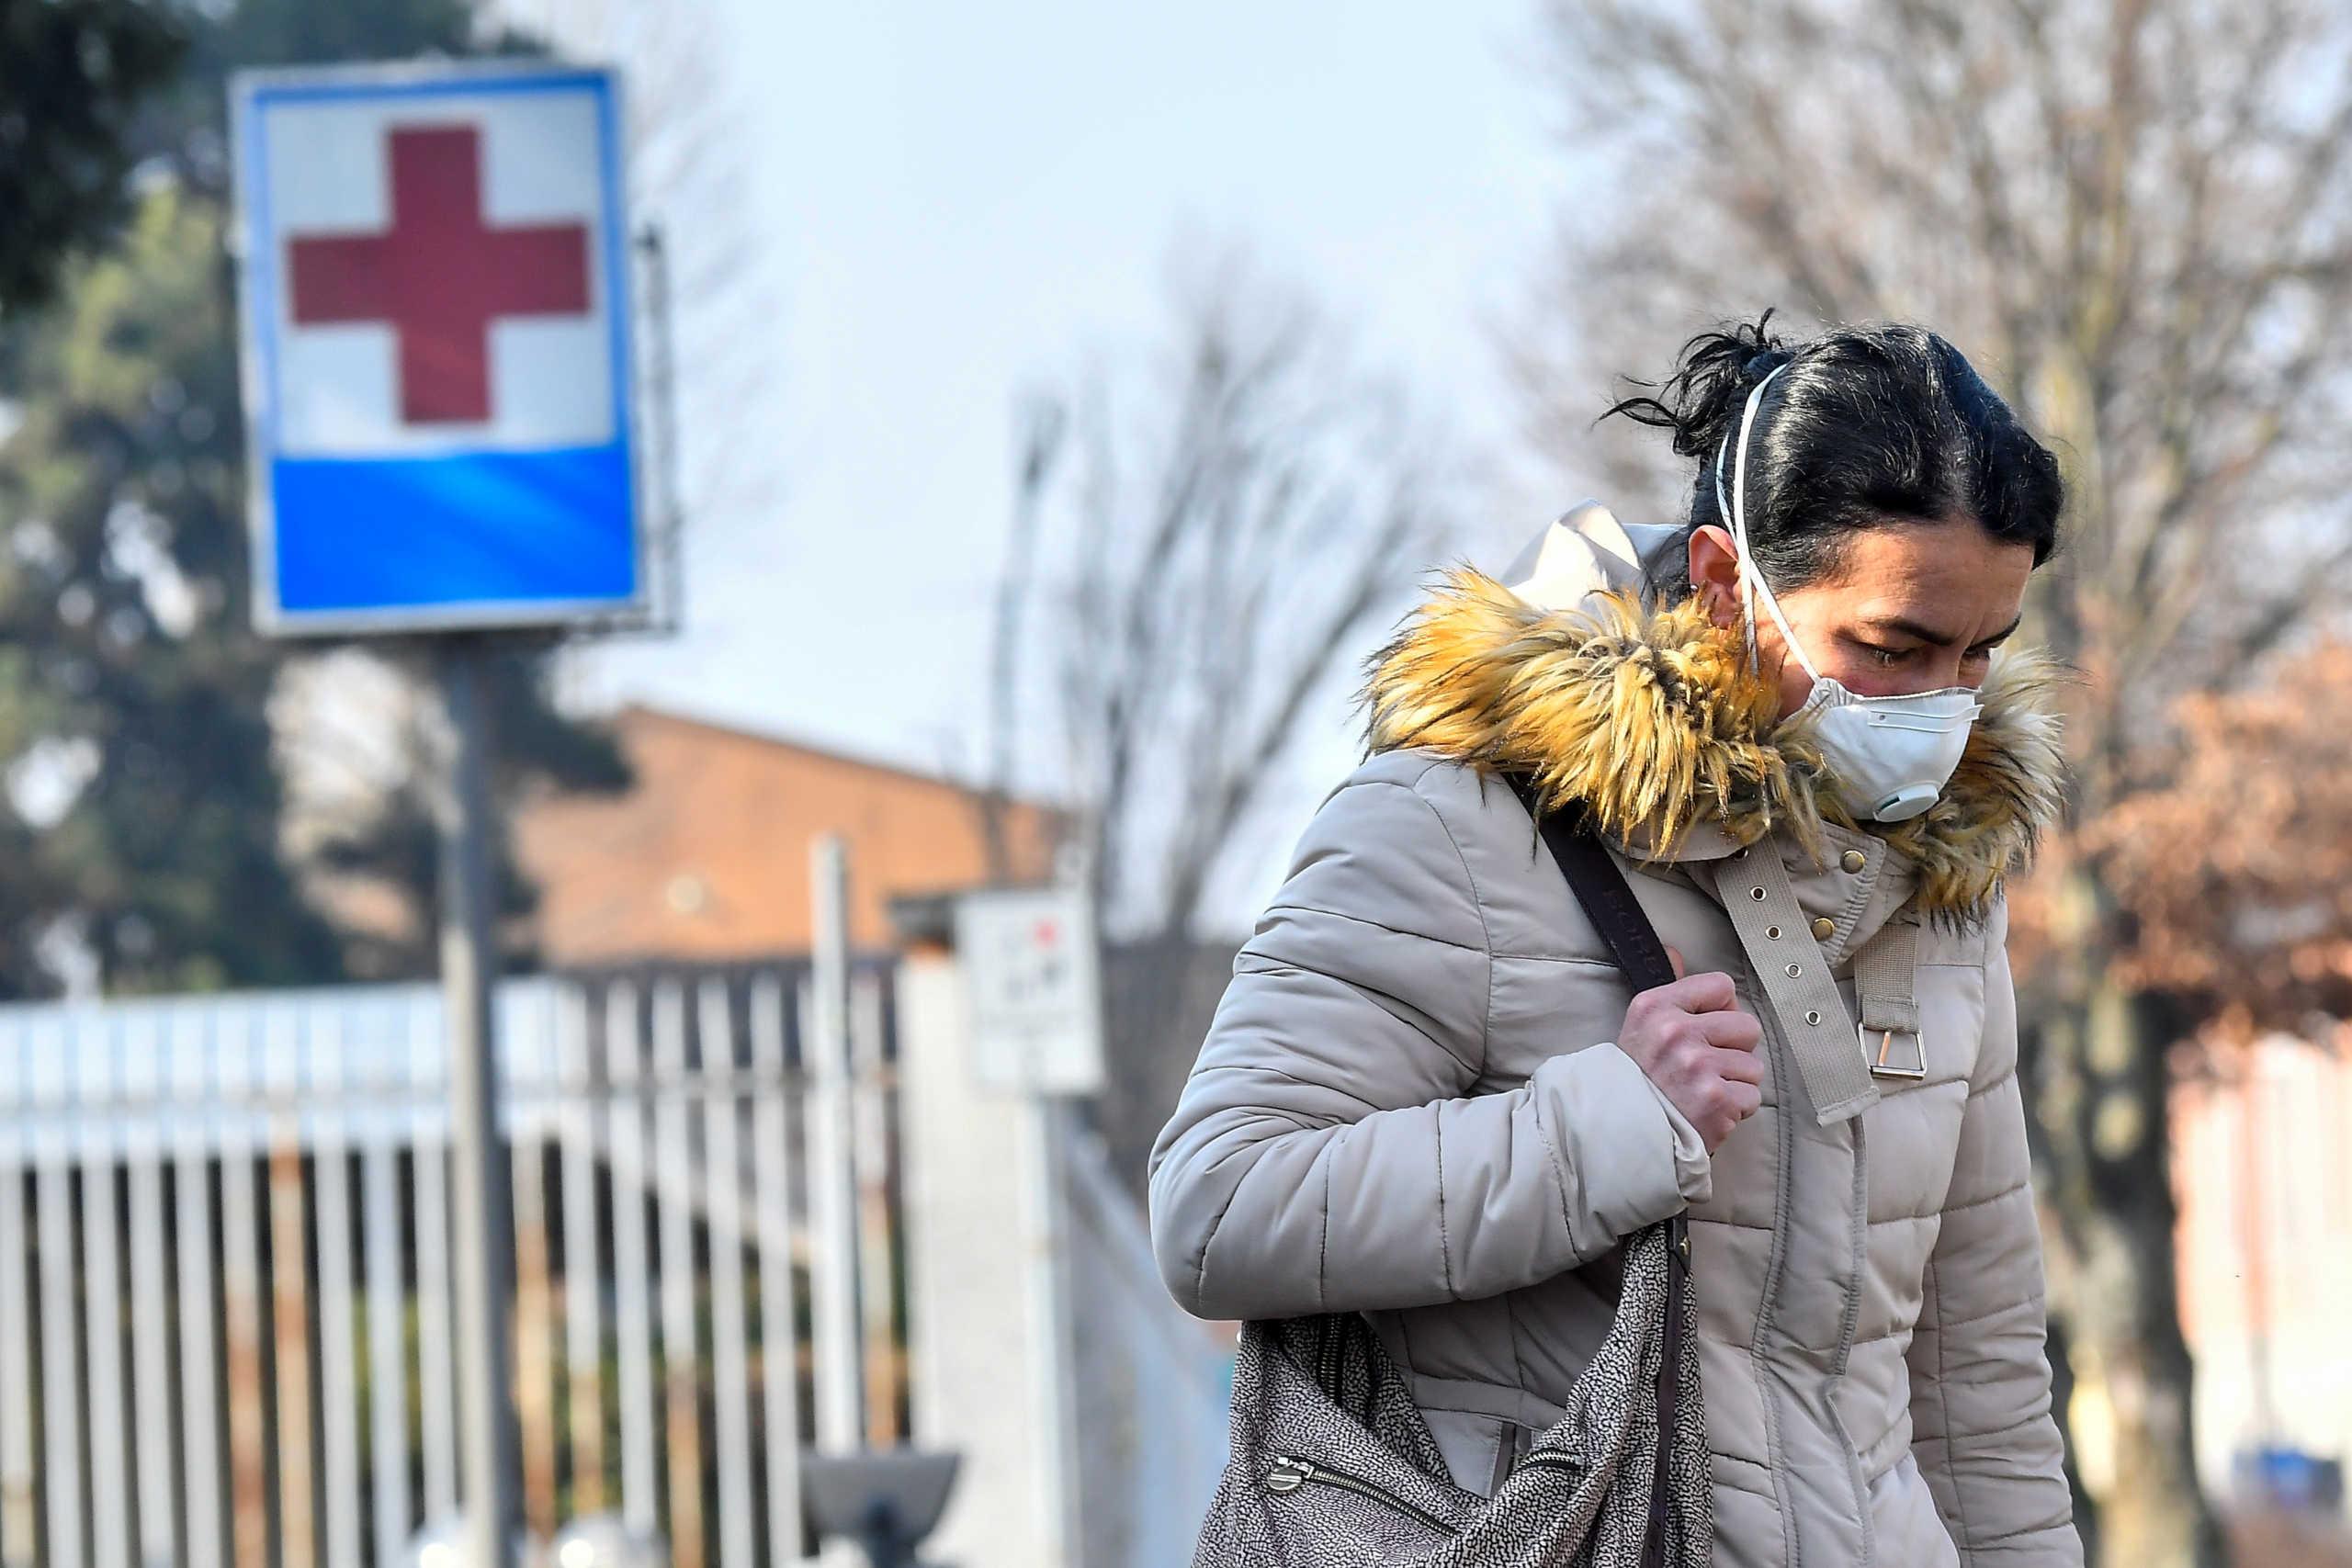 """Κοροναϊός: Τρομάζουν οι επιστήμονες! """"Αυτό που γίνεται στην Ιταλία μπορεί να γίνει οπουδήποτε"""""""